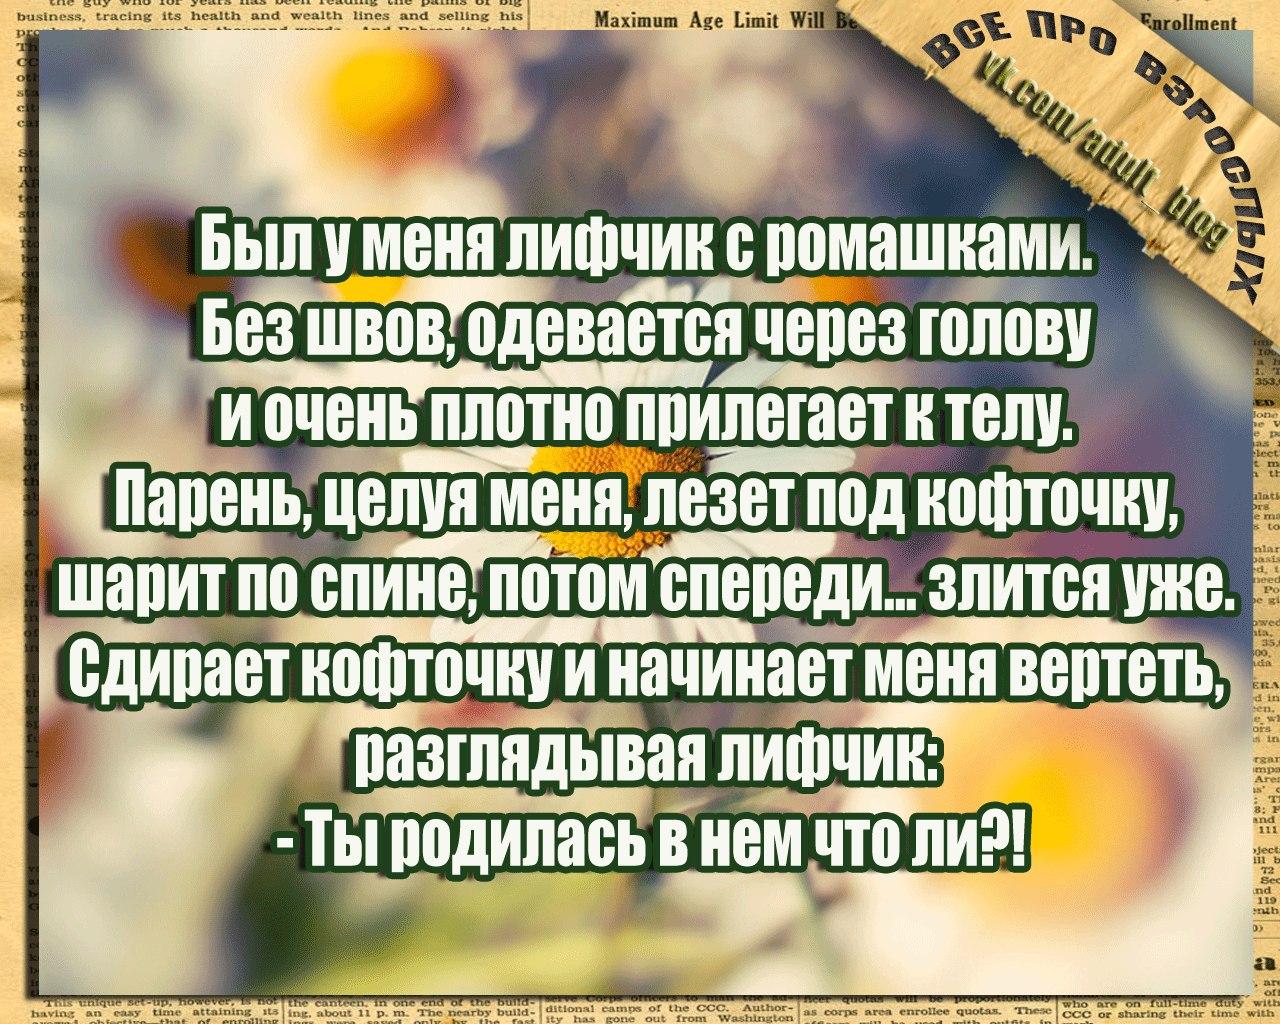 Весёлые истории и анекдоты. - Страница 4 BN4z3TYJDm4